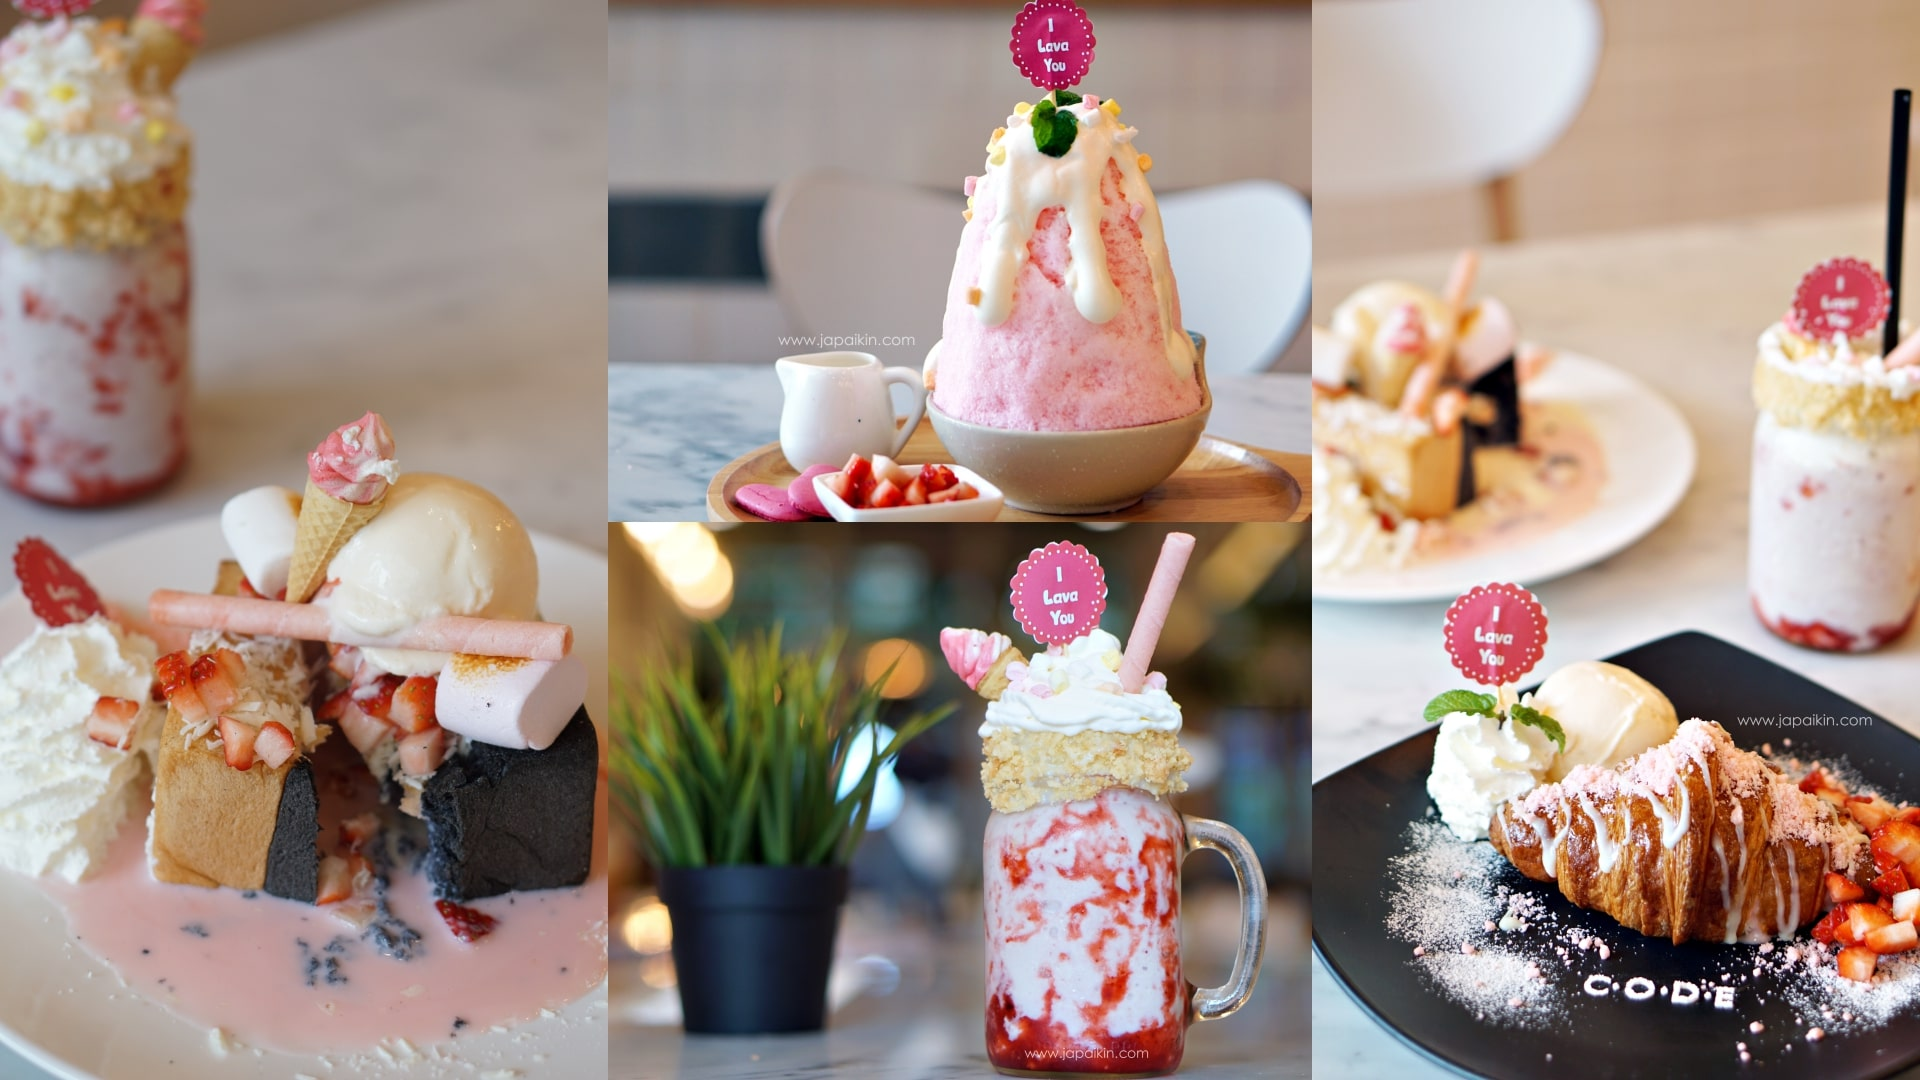 CODE Cafe เปิดตัว 4 เมนูใหม่ ธีมสีชมพูสดใสเพื่อต้อบรับวาเลนไทน์ 1 ก.พ. - 31 มี.ค. 2560 เท่านั้น